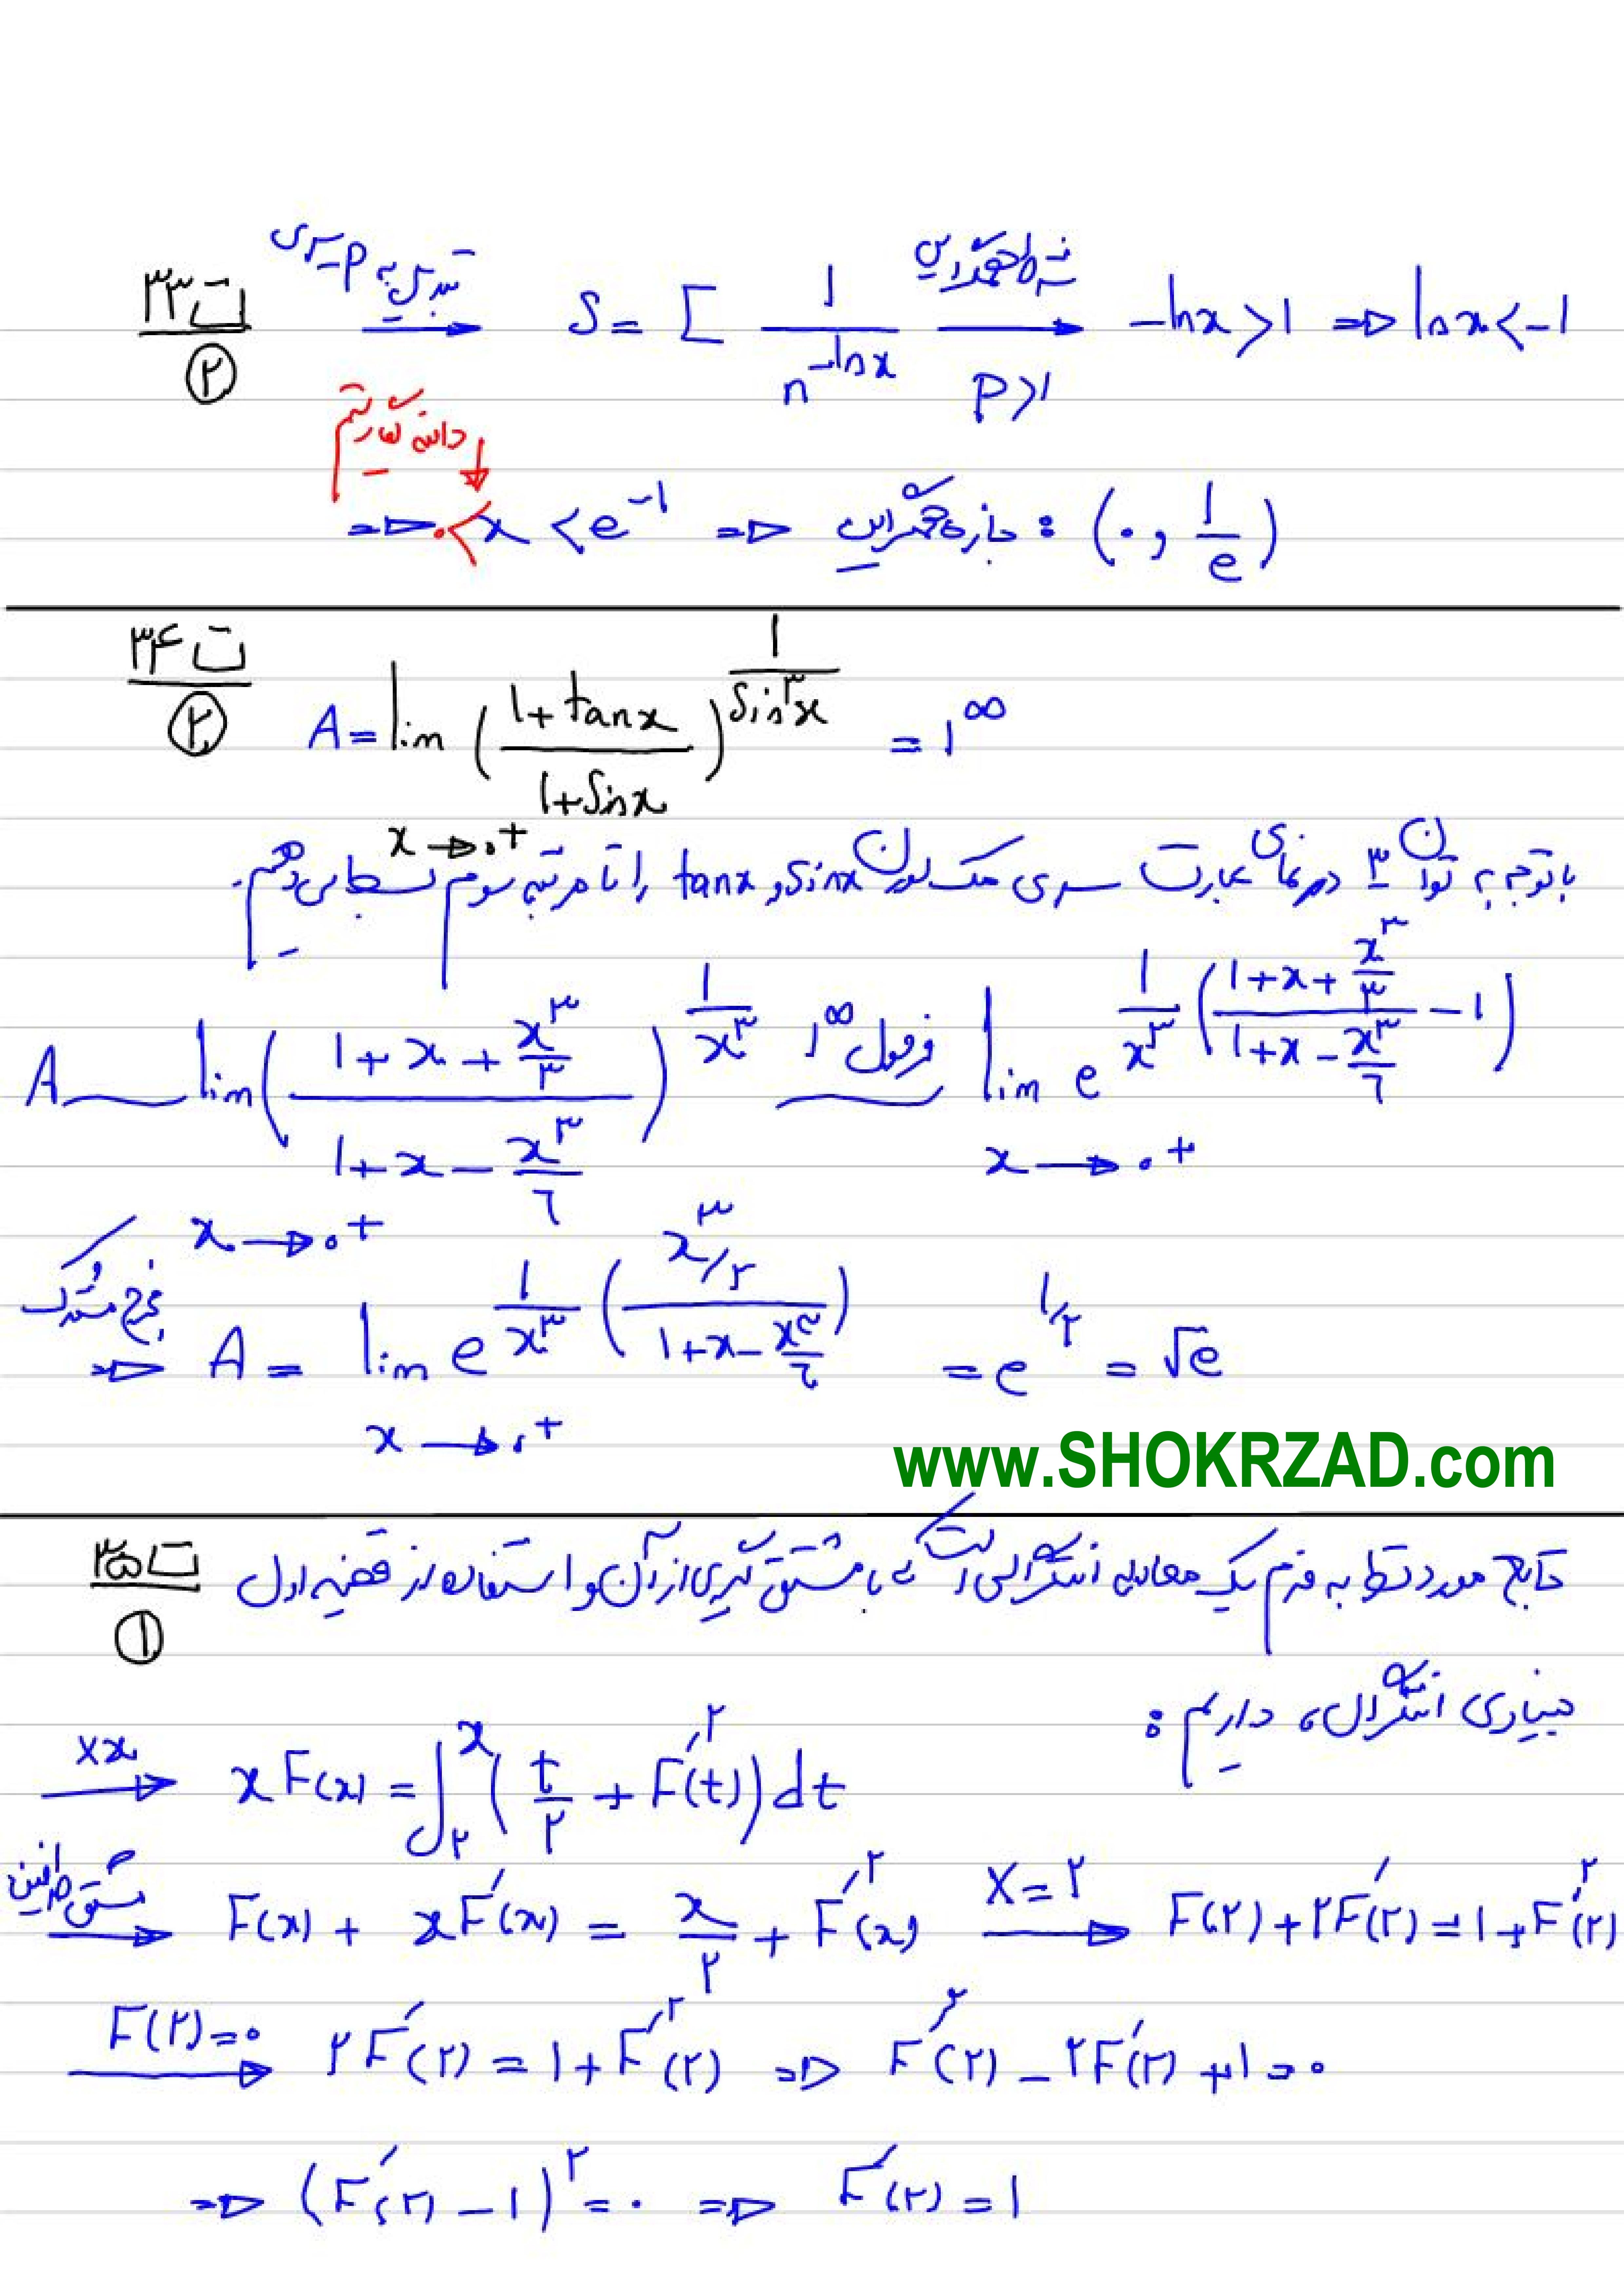 پاسخ تشریحی سوالات ریاضی ارشد ژئوفیزیک و هواشناسی 96